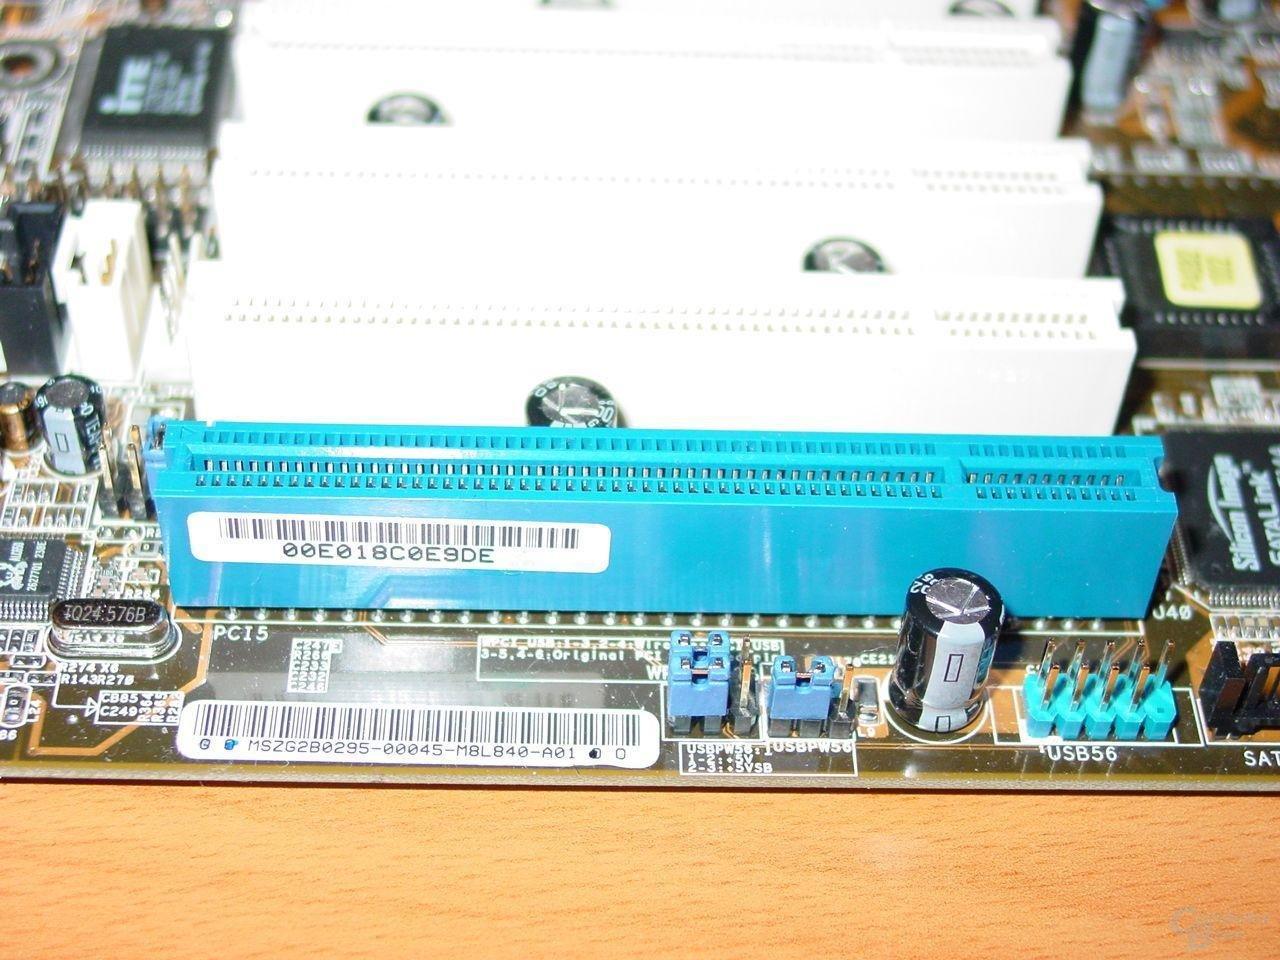 BlueMagic PCI Slot